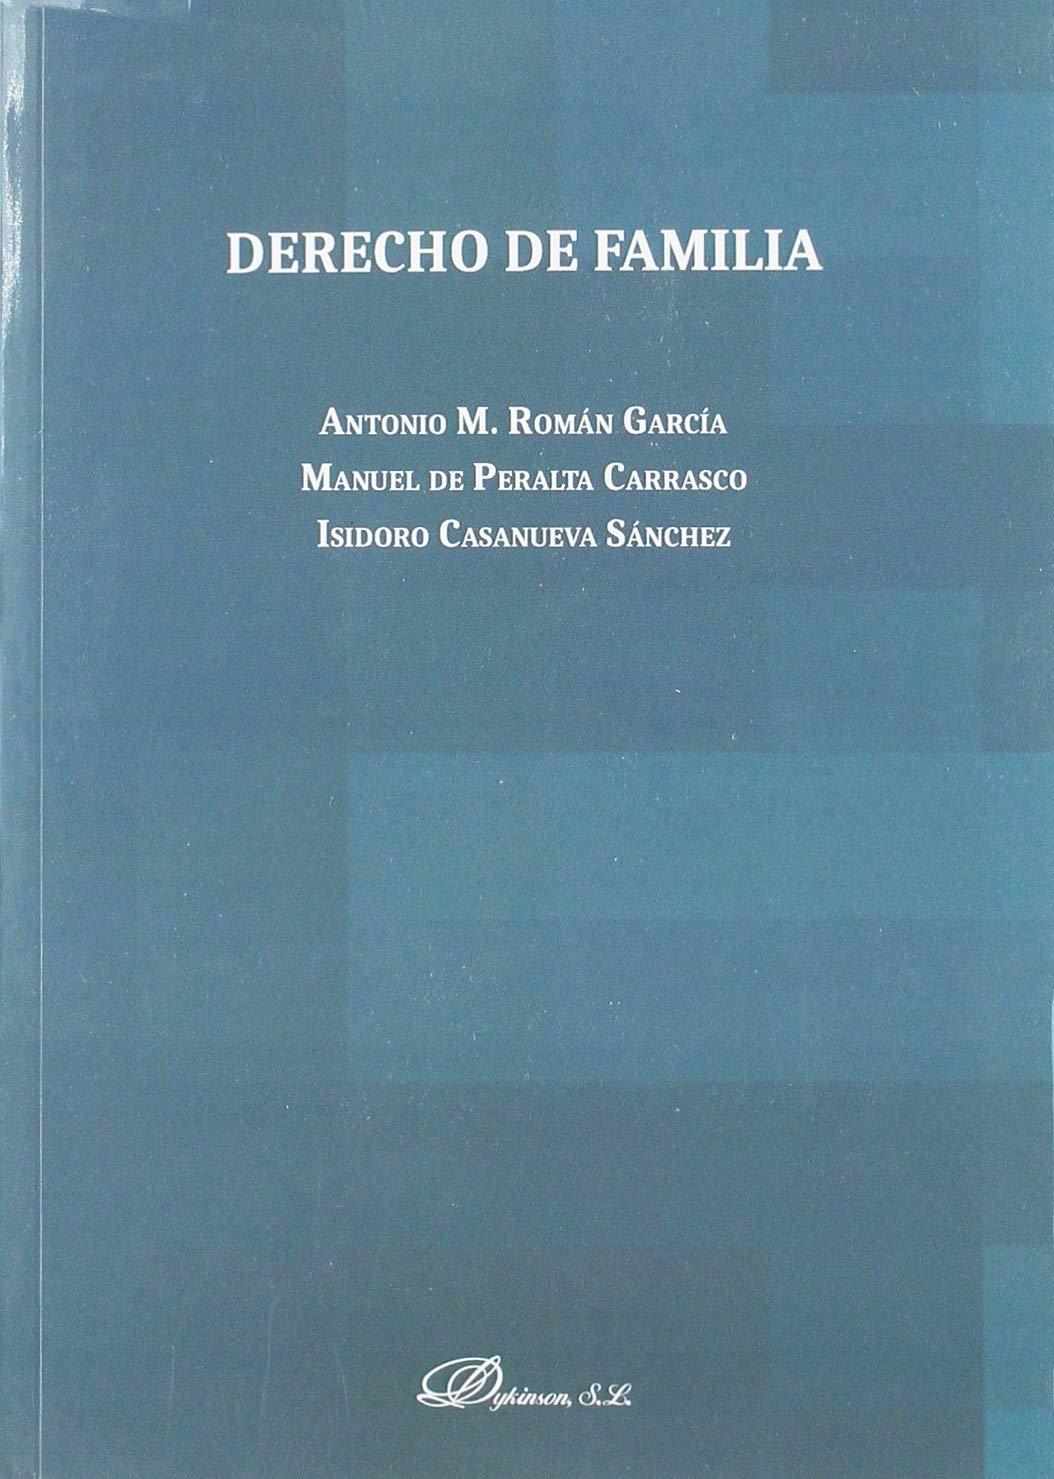 Derecho de Familia: Amazon.es: Román García, Antonio, de Peralta Carrasco, Manuel, Casanueva Sánchez, Isidoro: Libros